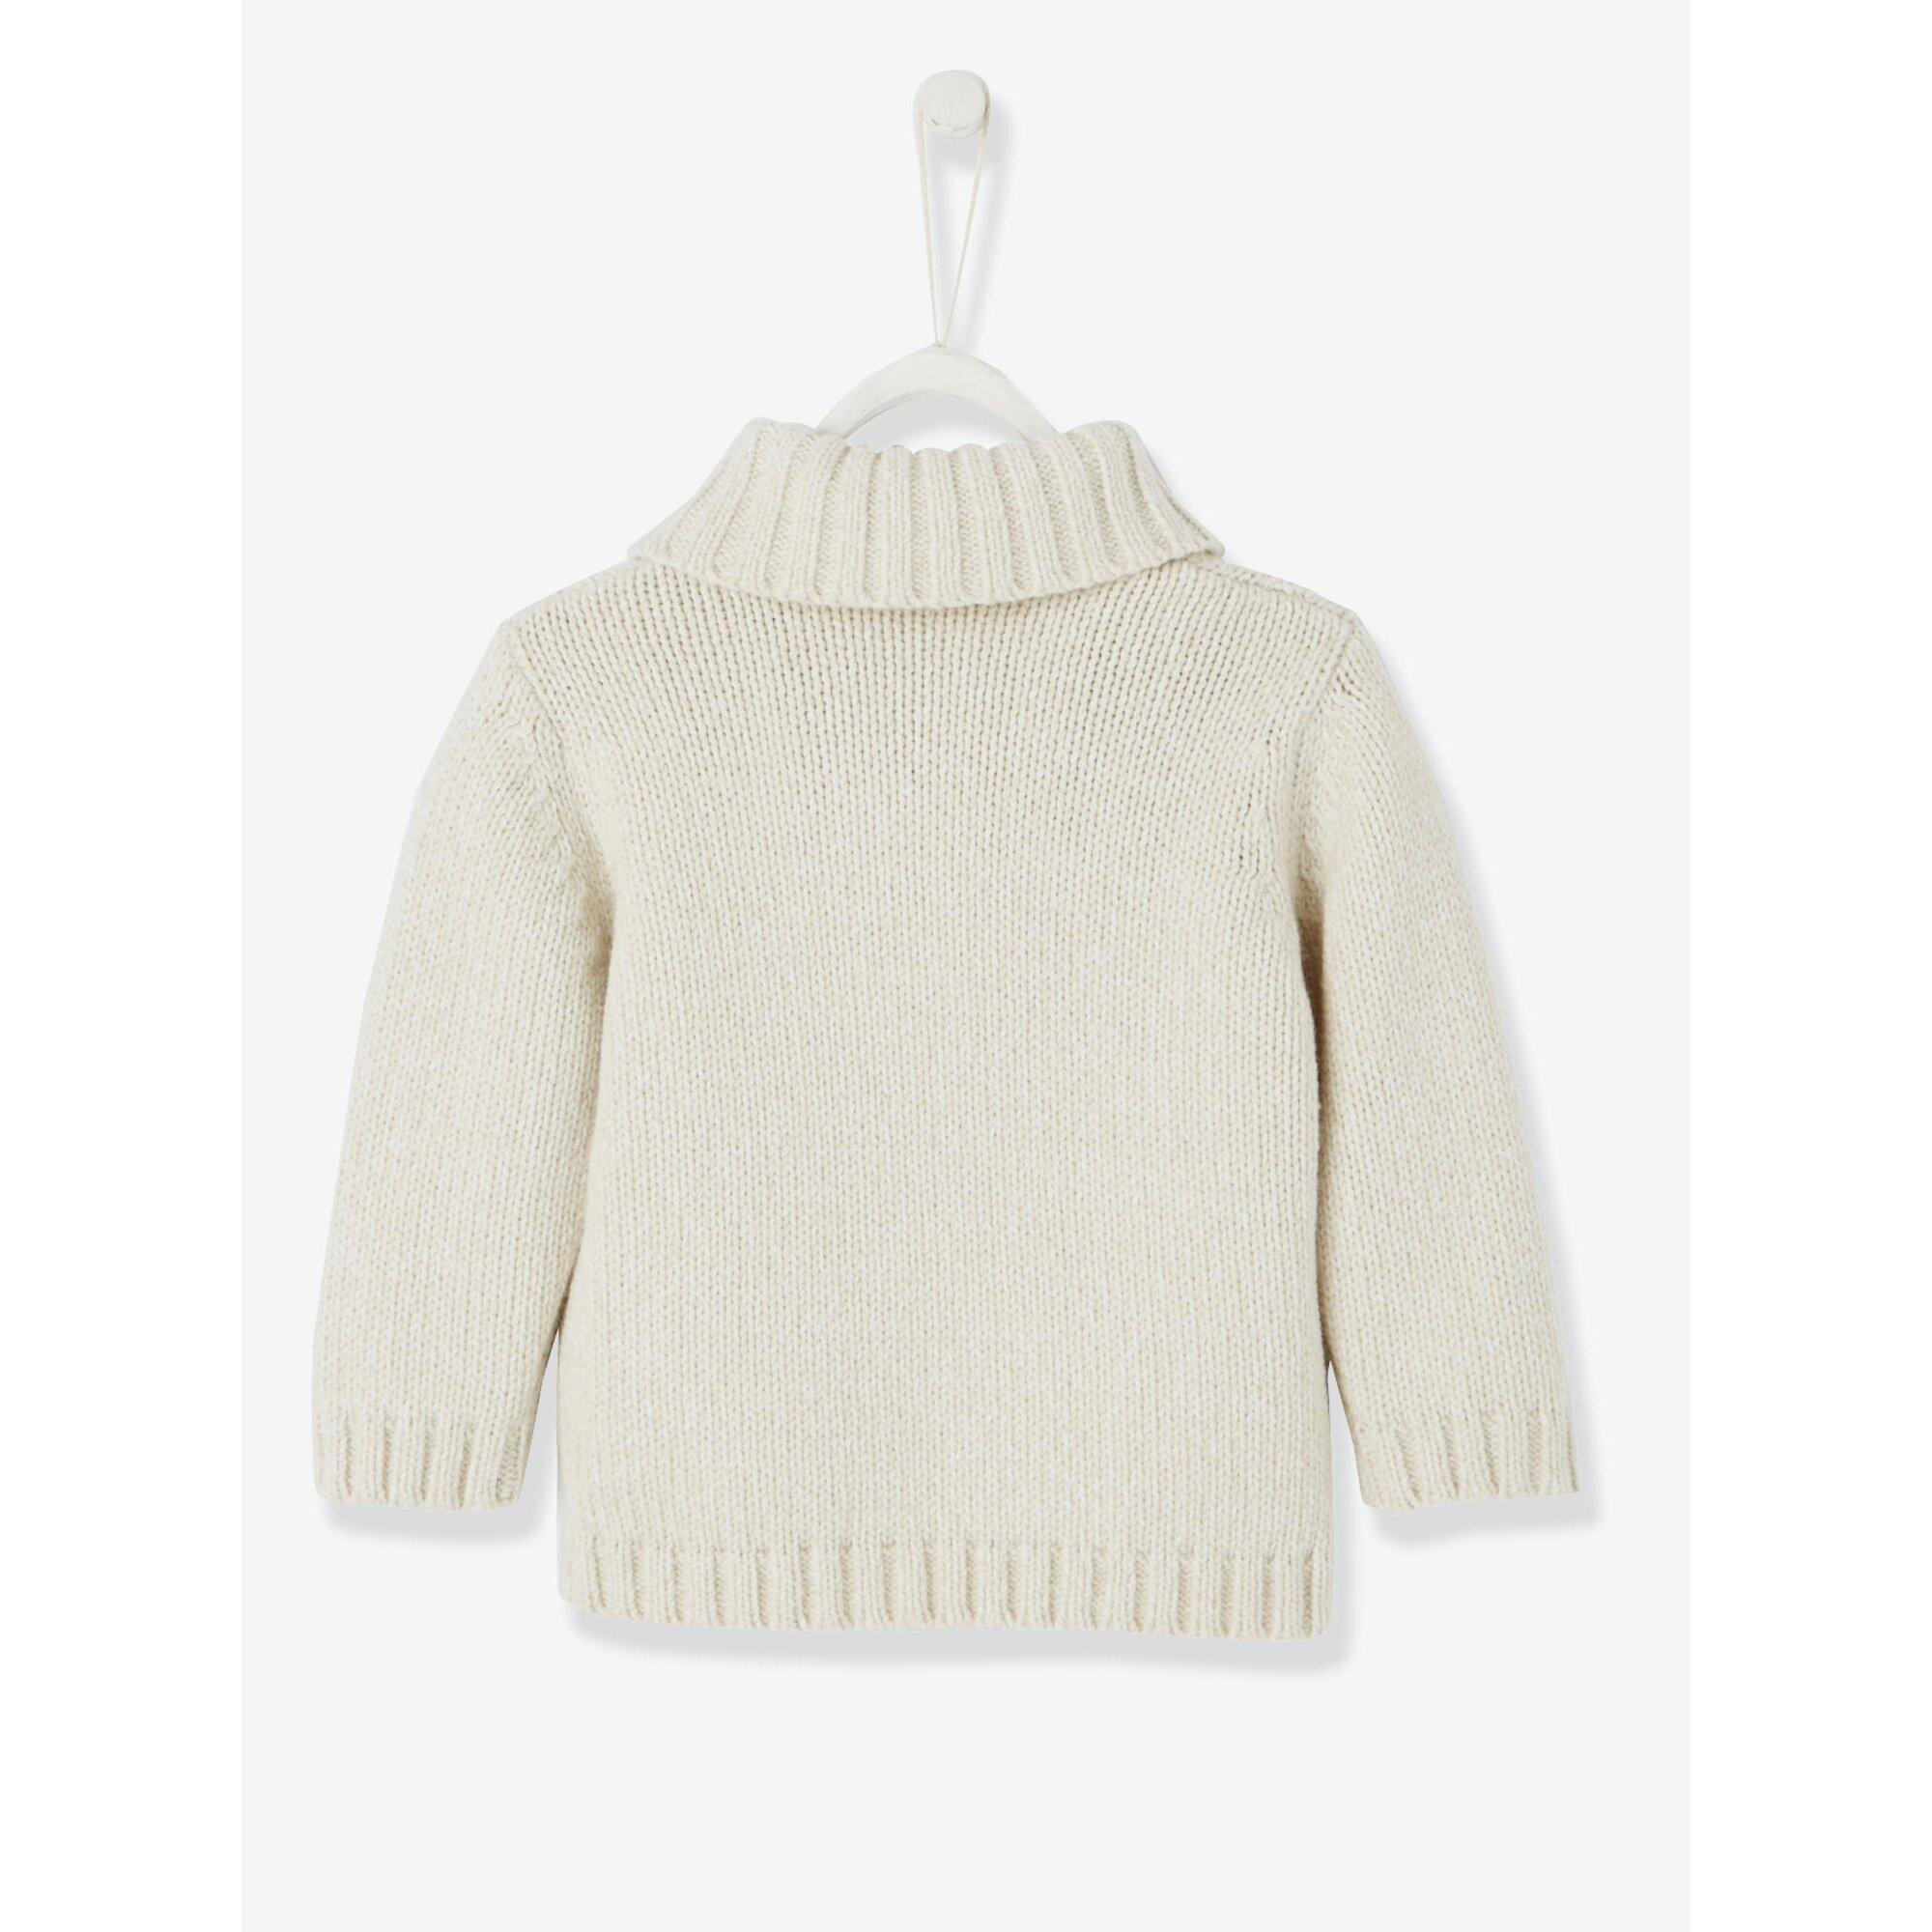 vertbaudet-pullover-fur-baby-jungen-schalkragen, 20.99 EUR @ babywalz-de